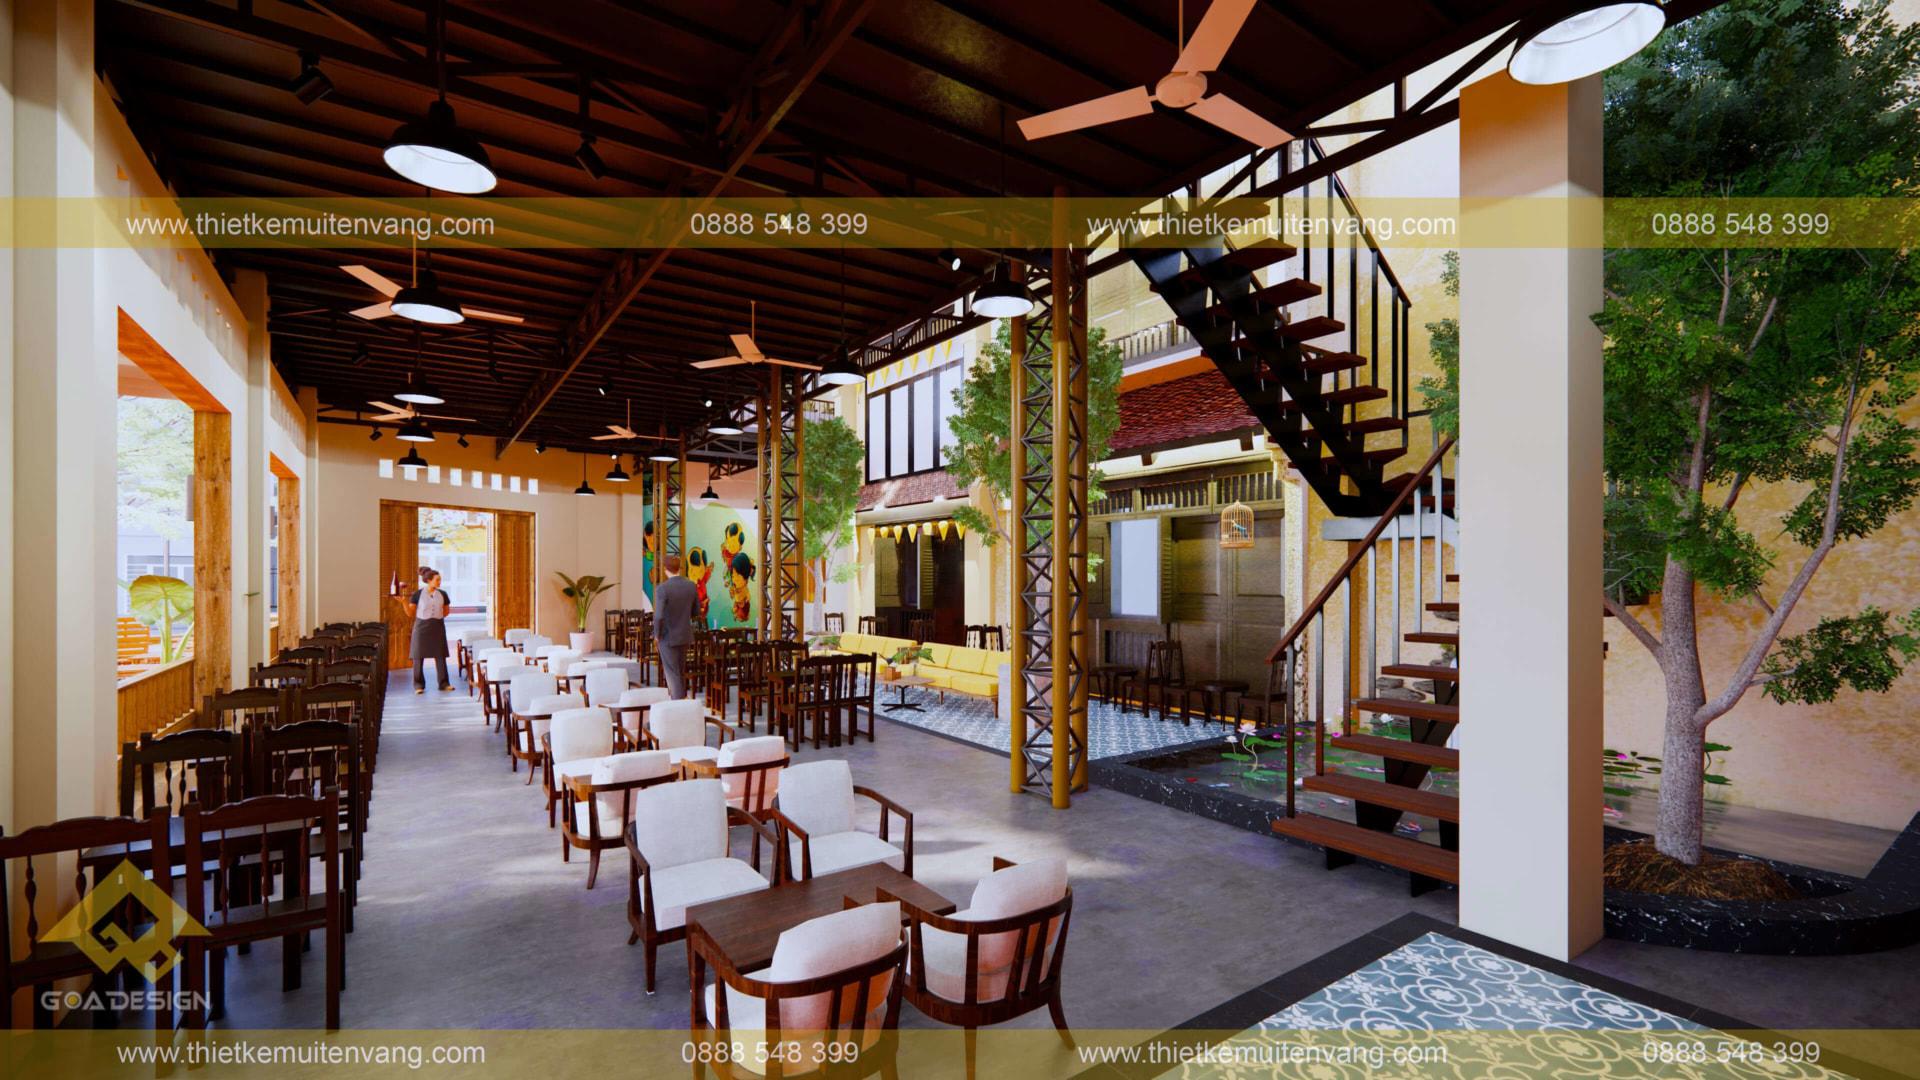 GOADESIGN Tư vấn-thiết kế-thi công FAN CAFE - DĨ AN (3)